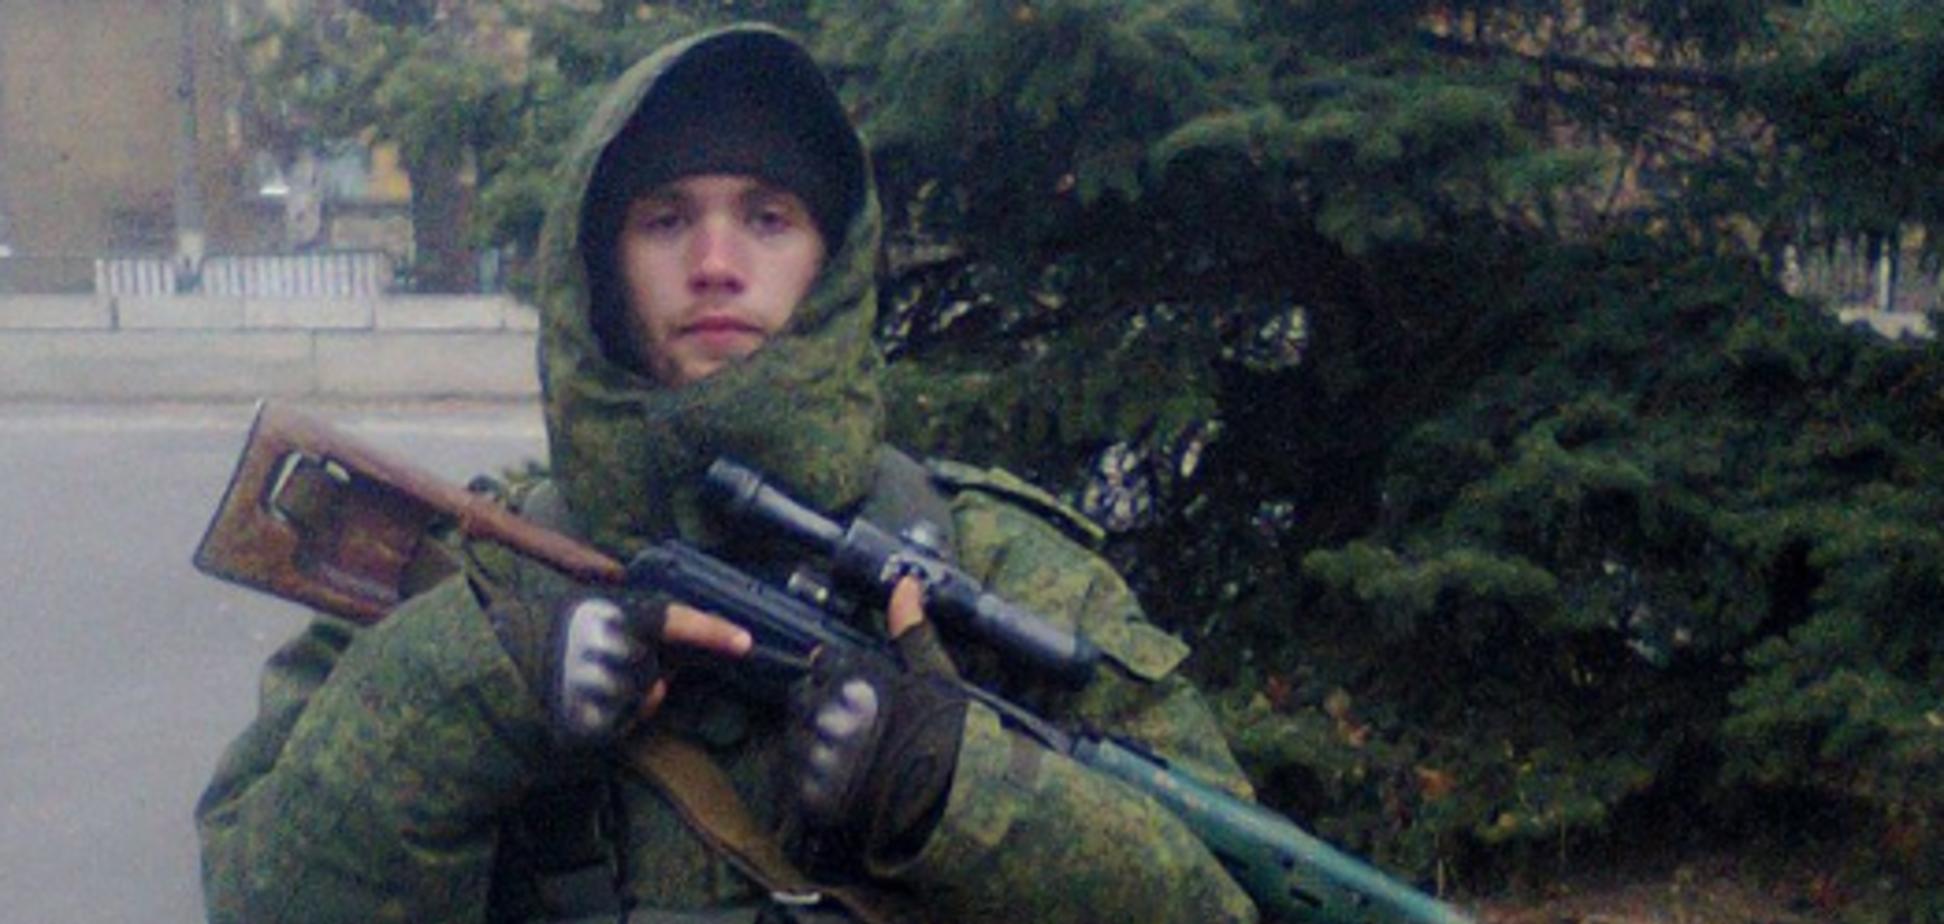 Террорист 'Москва'